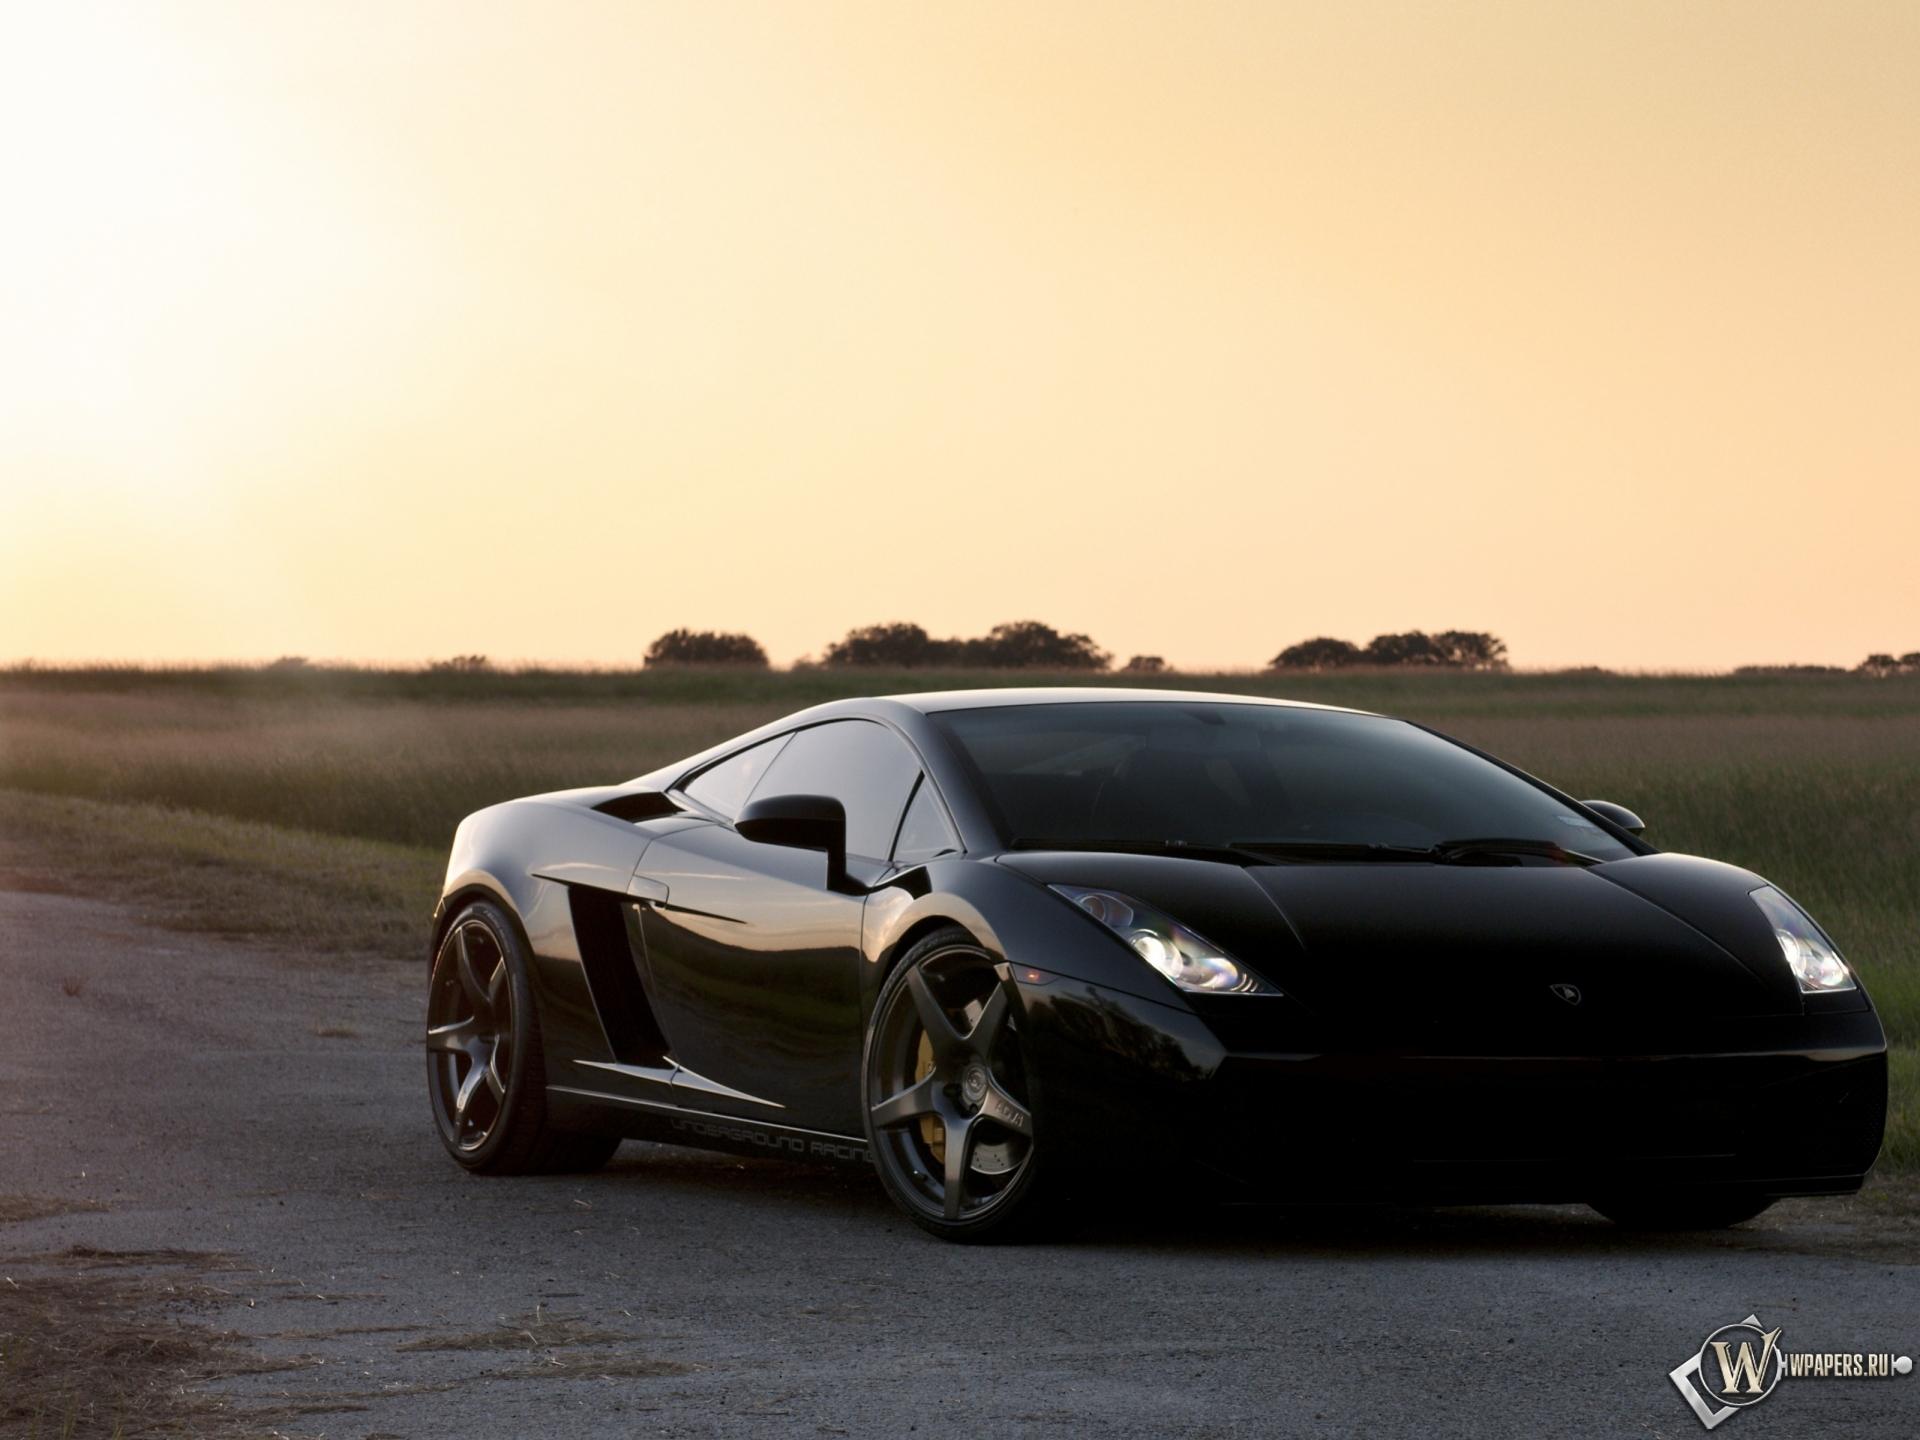 Lamborghini Gallardo 1920x1440